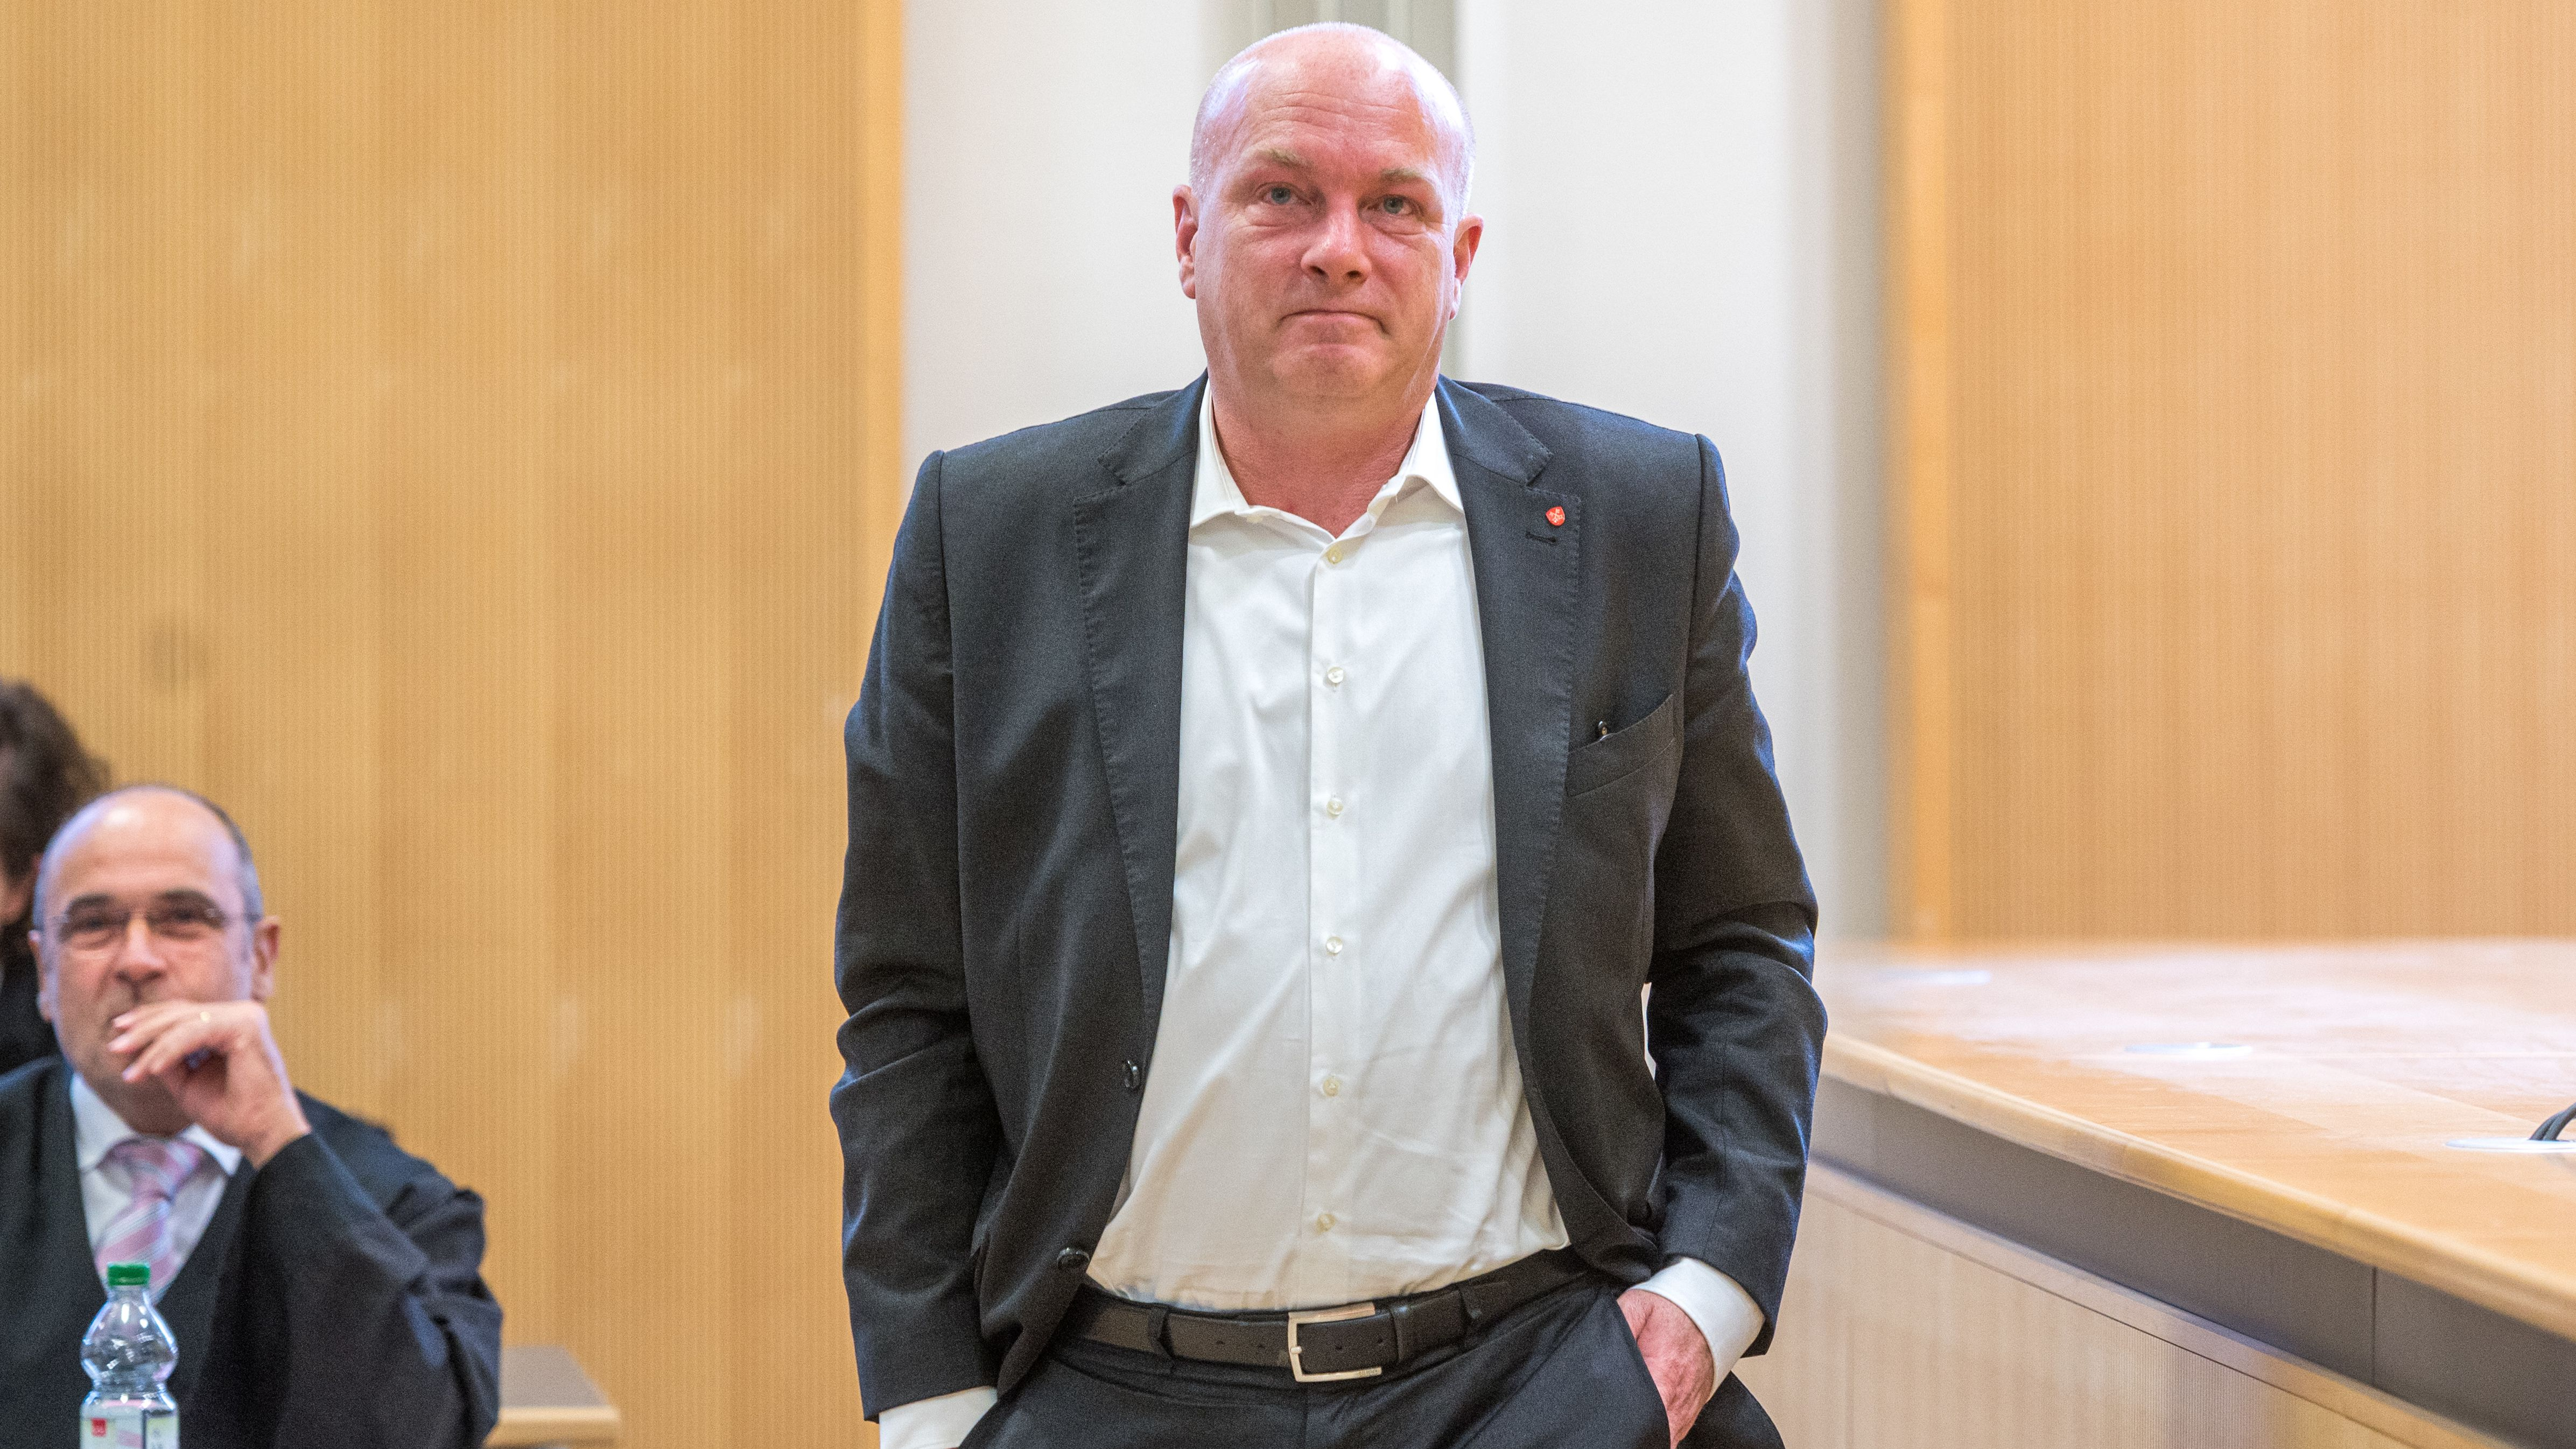 Joachim Wolbergs im Gerichtssaal.